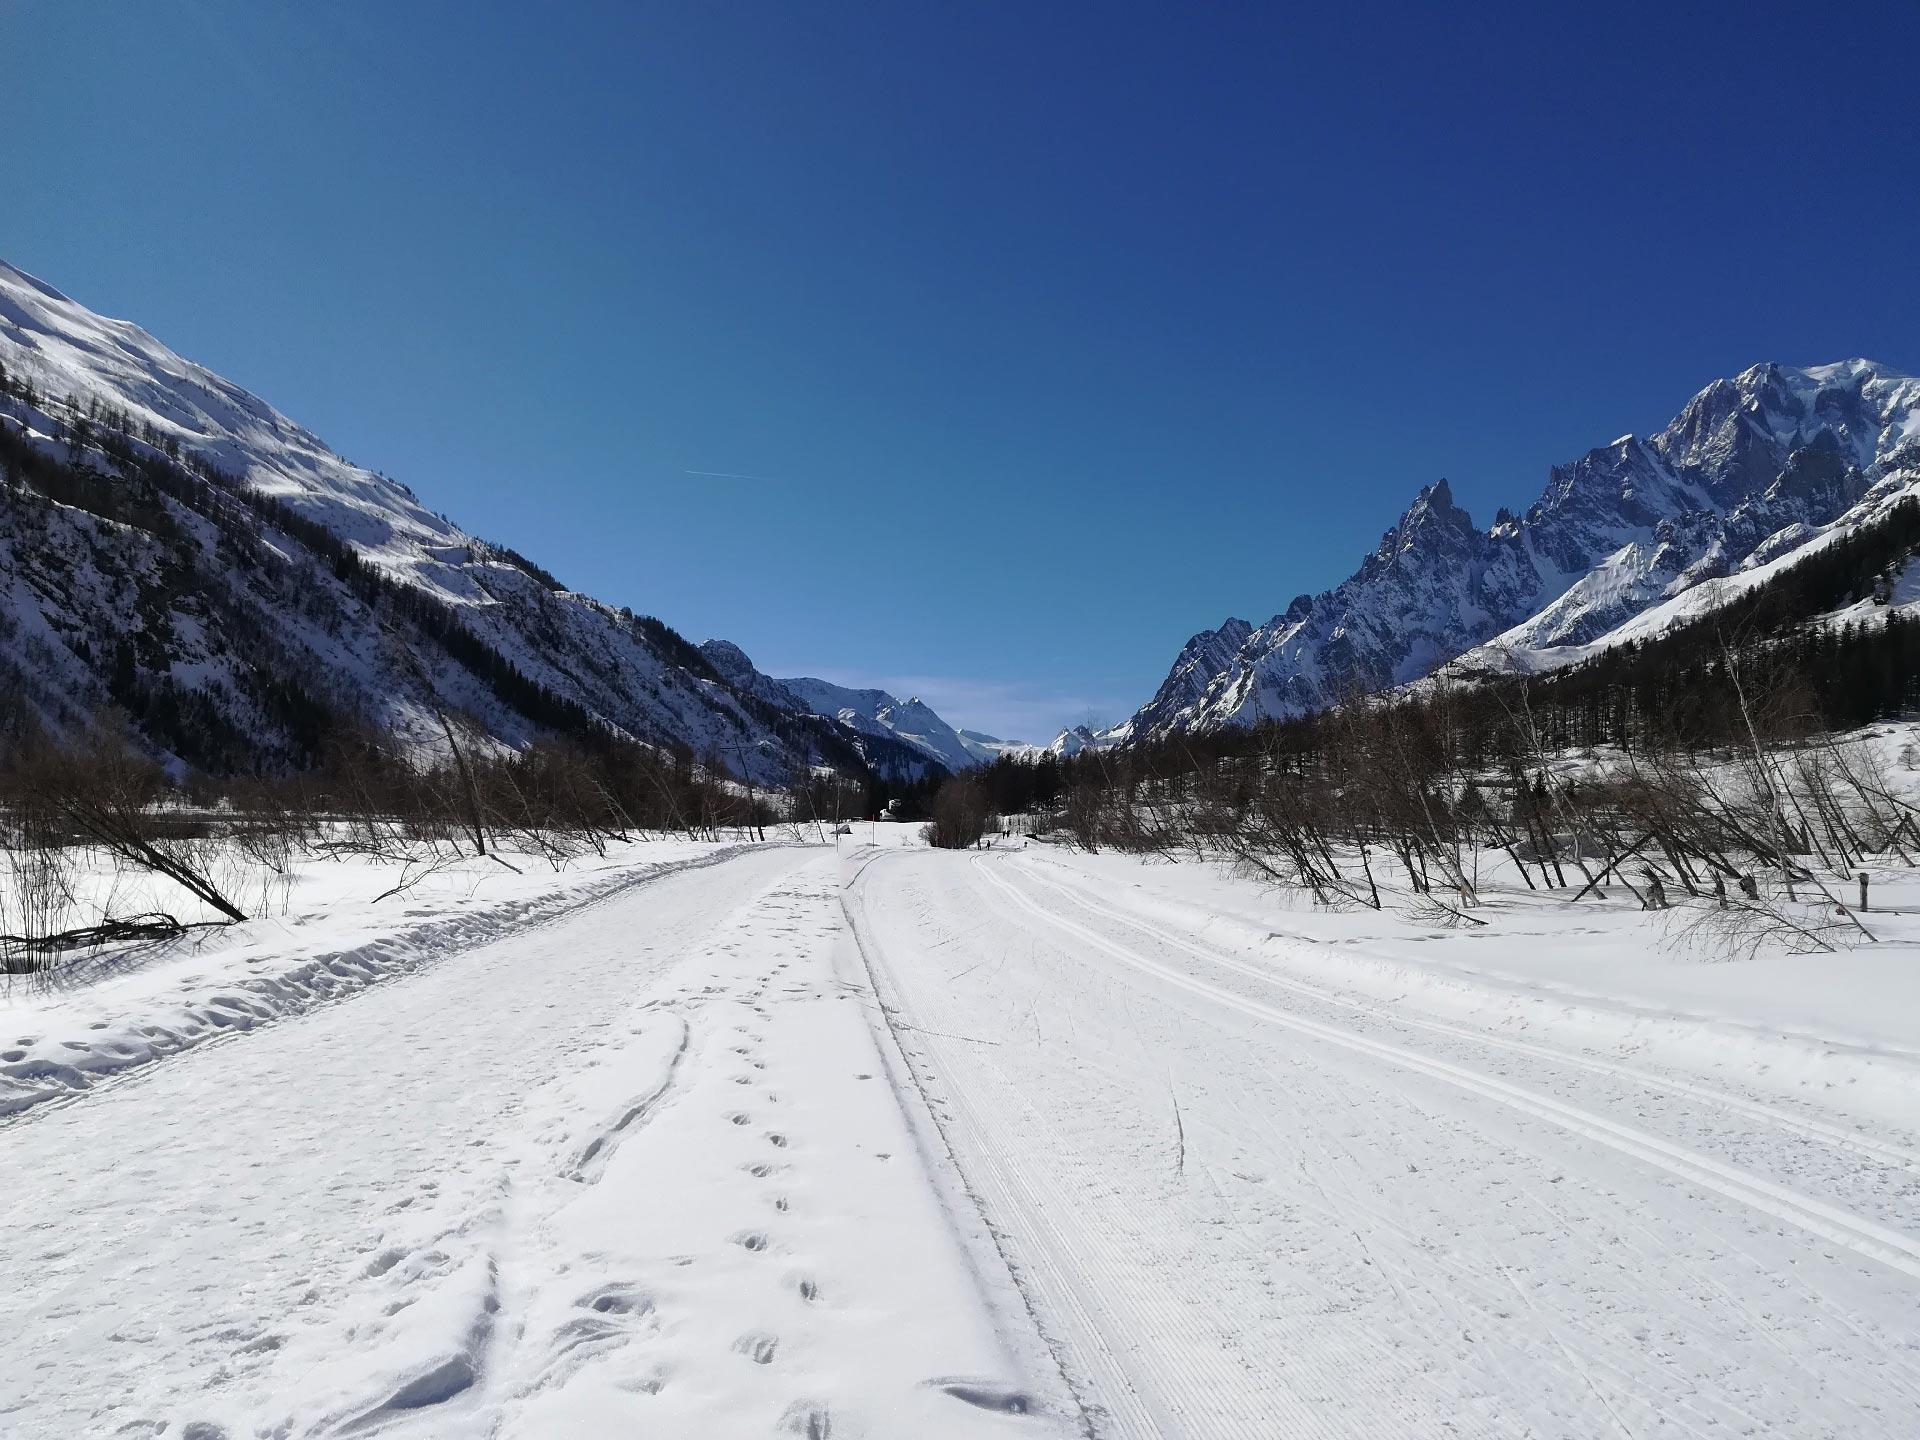 il panorama della Val Ferret con le montagne circostanti, Courmayeur, Valle d'Aosta